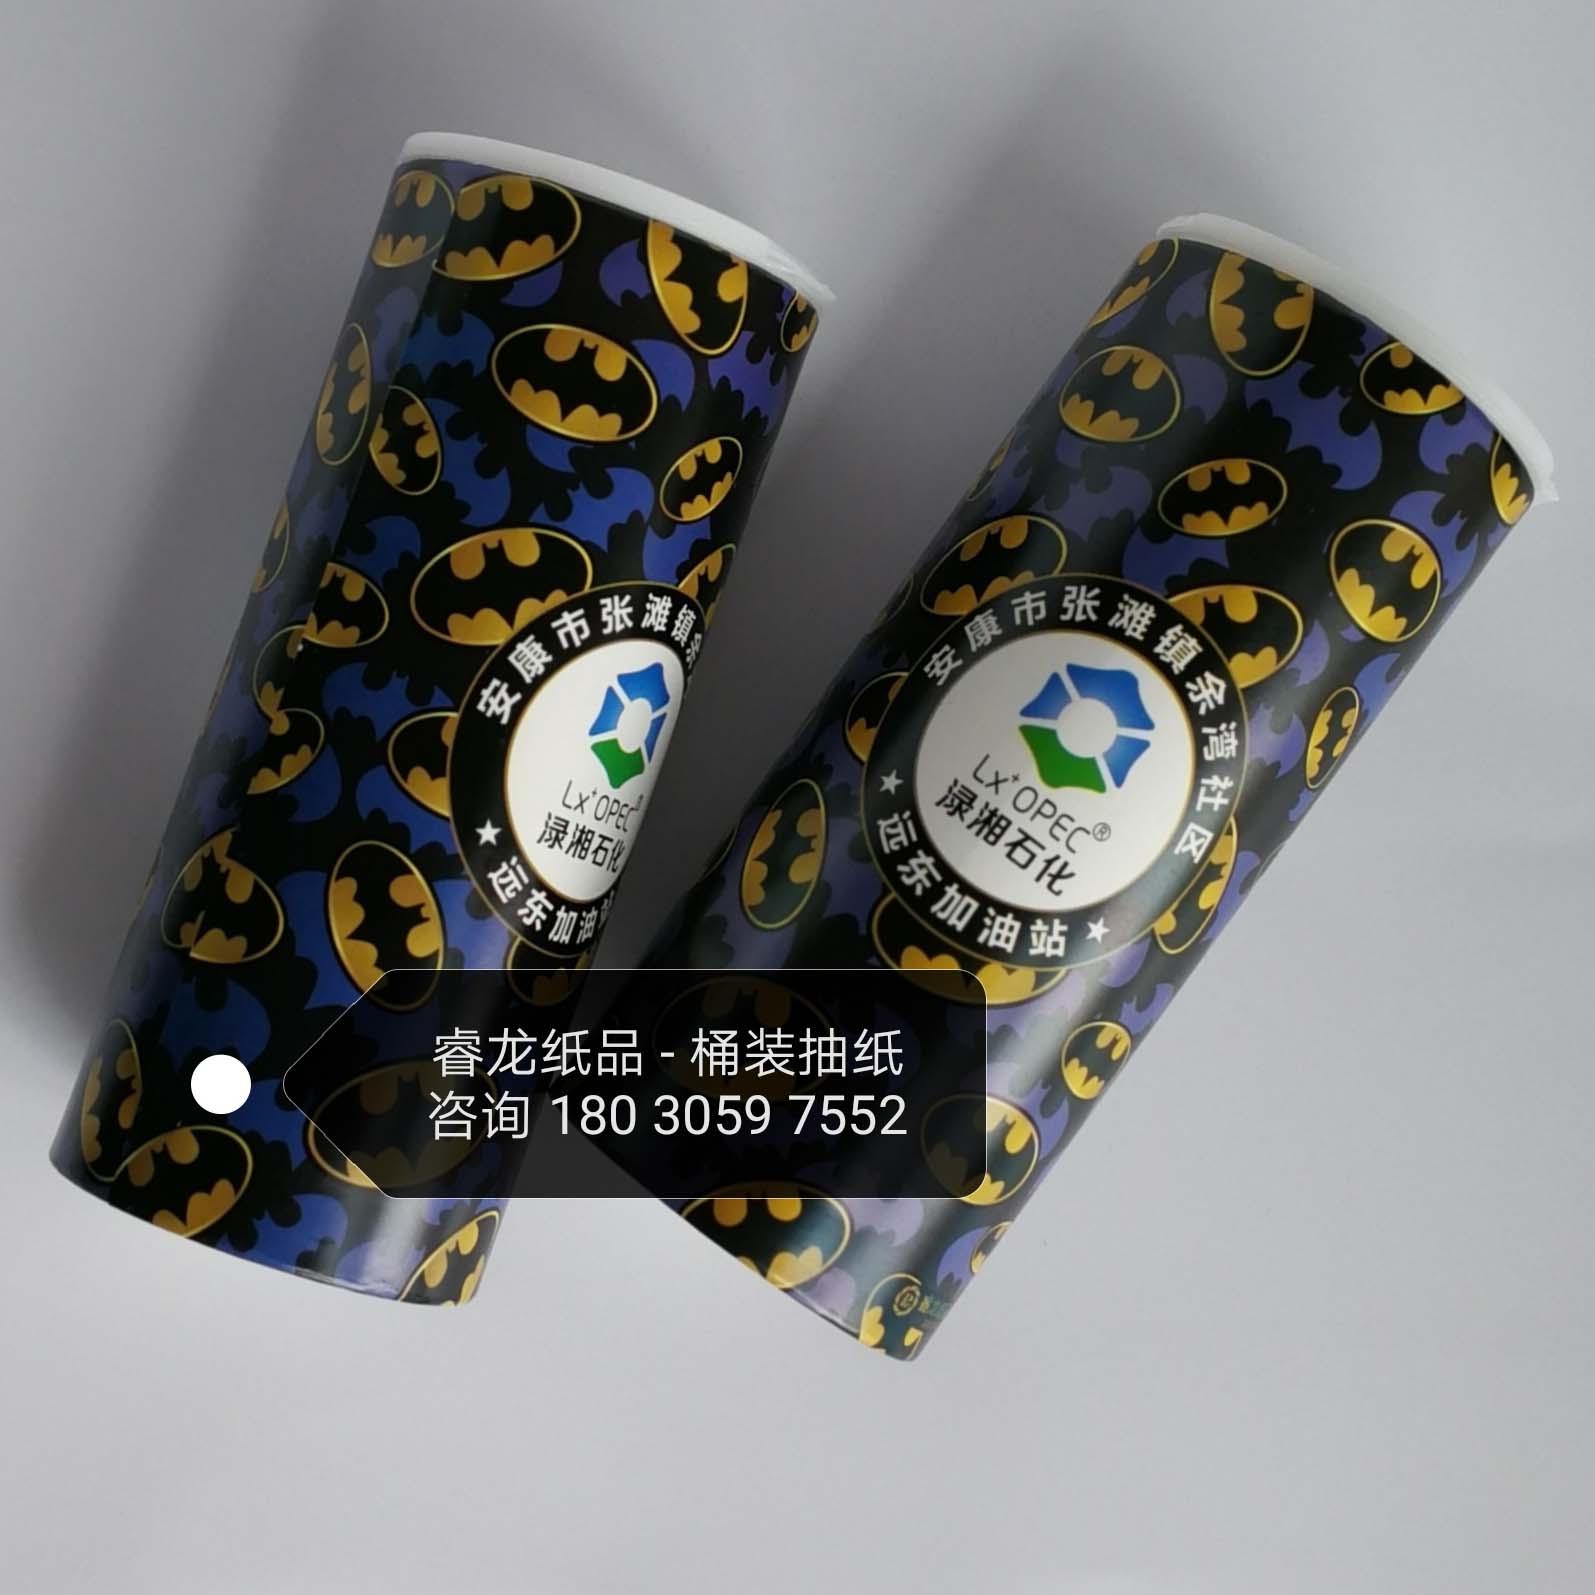 睿龙纸品提供高人气的加油站促销礼品抽纸巾★精品加油站抽纸巾